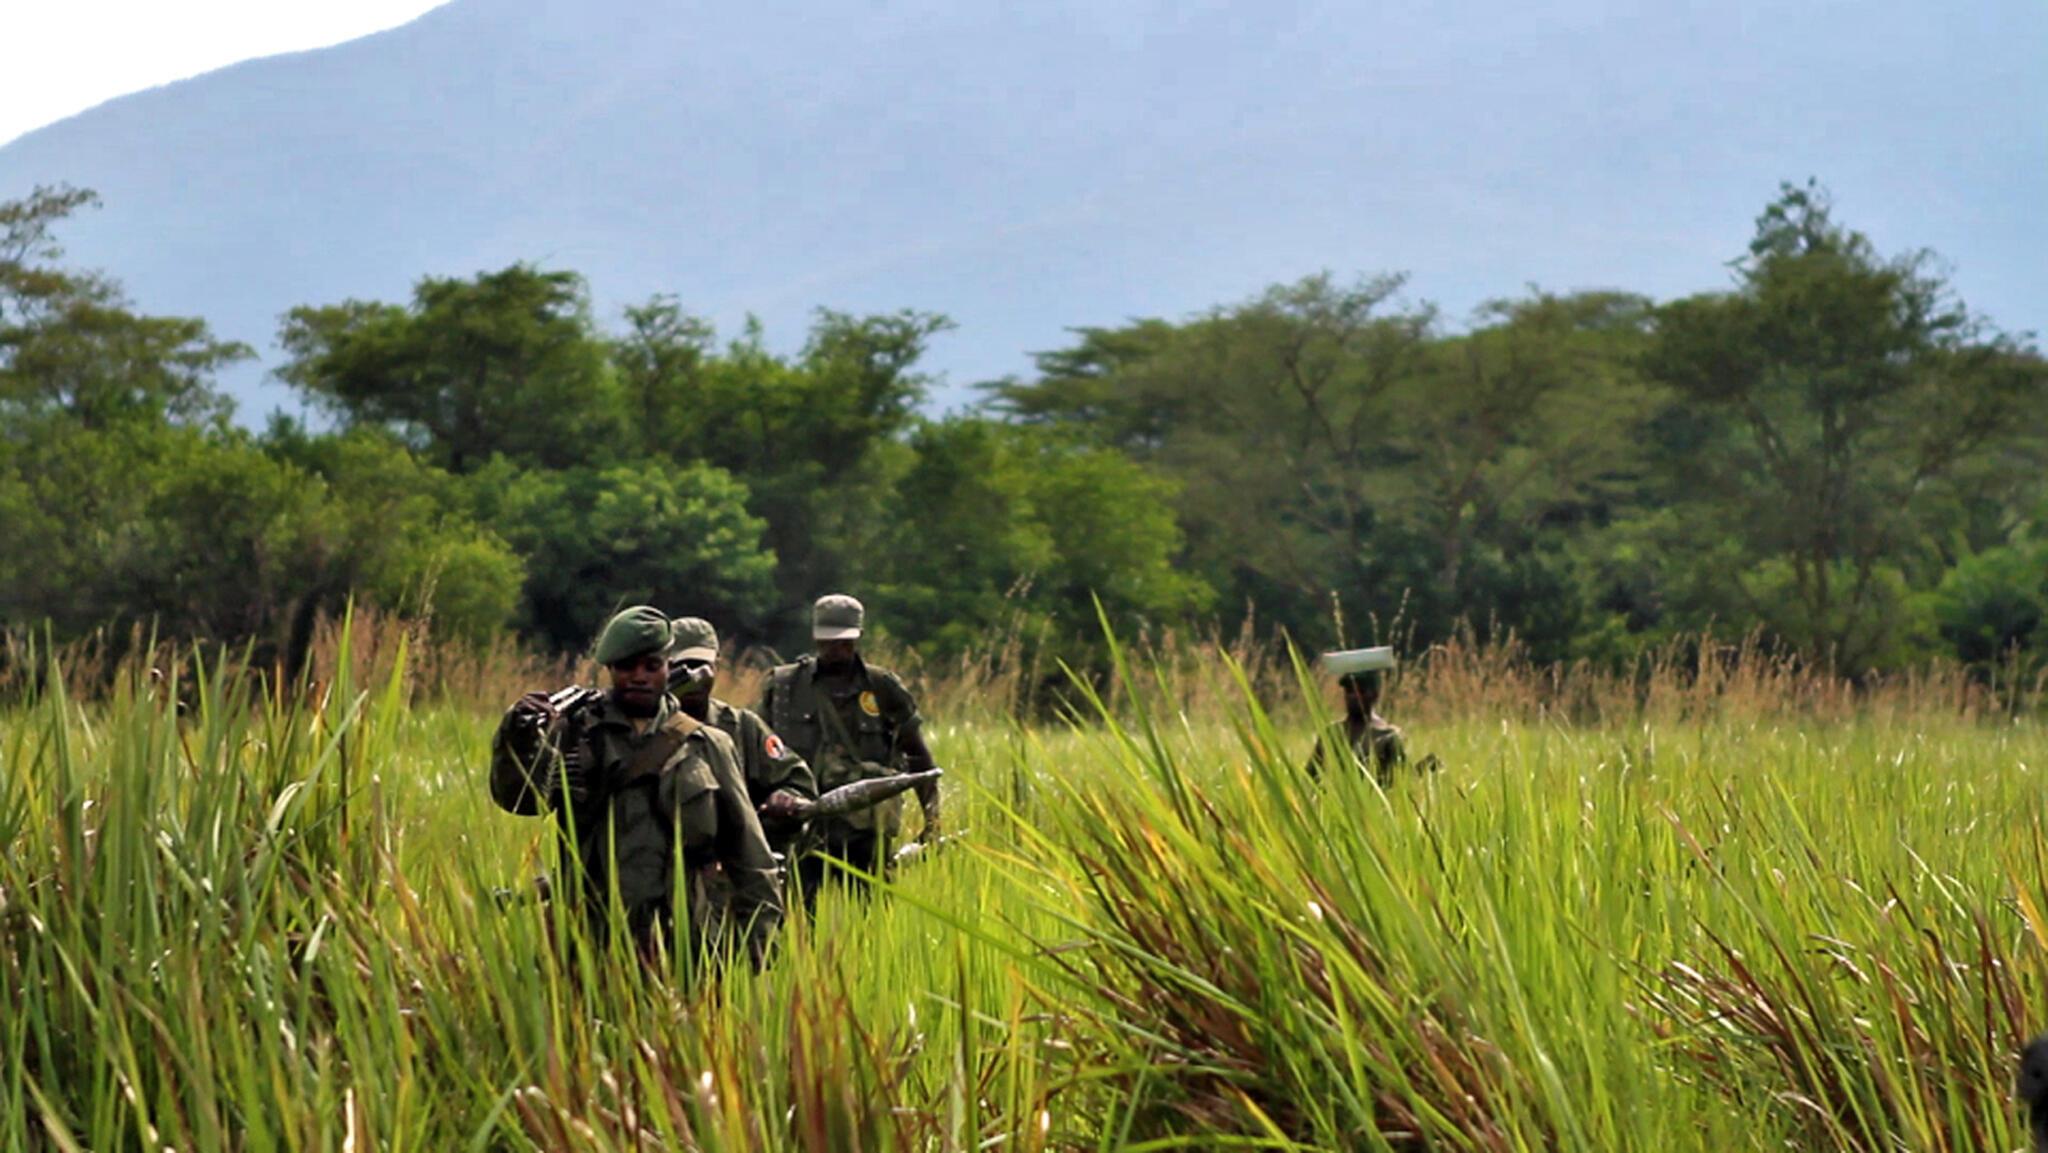 Plus de 200 ecogardes aurait perdu la vie dans les Virunga en l'espace d'une décennie.